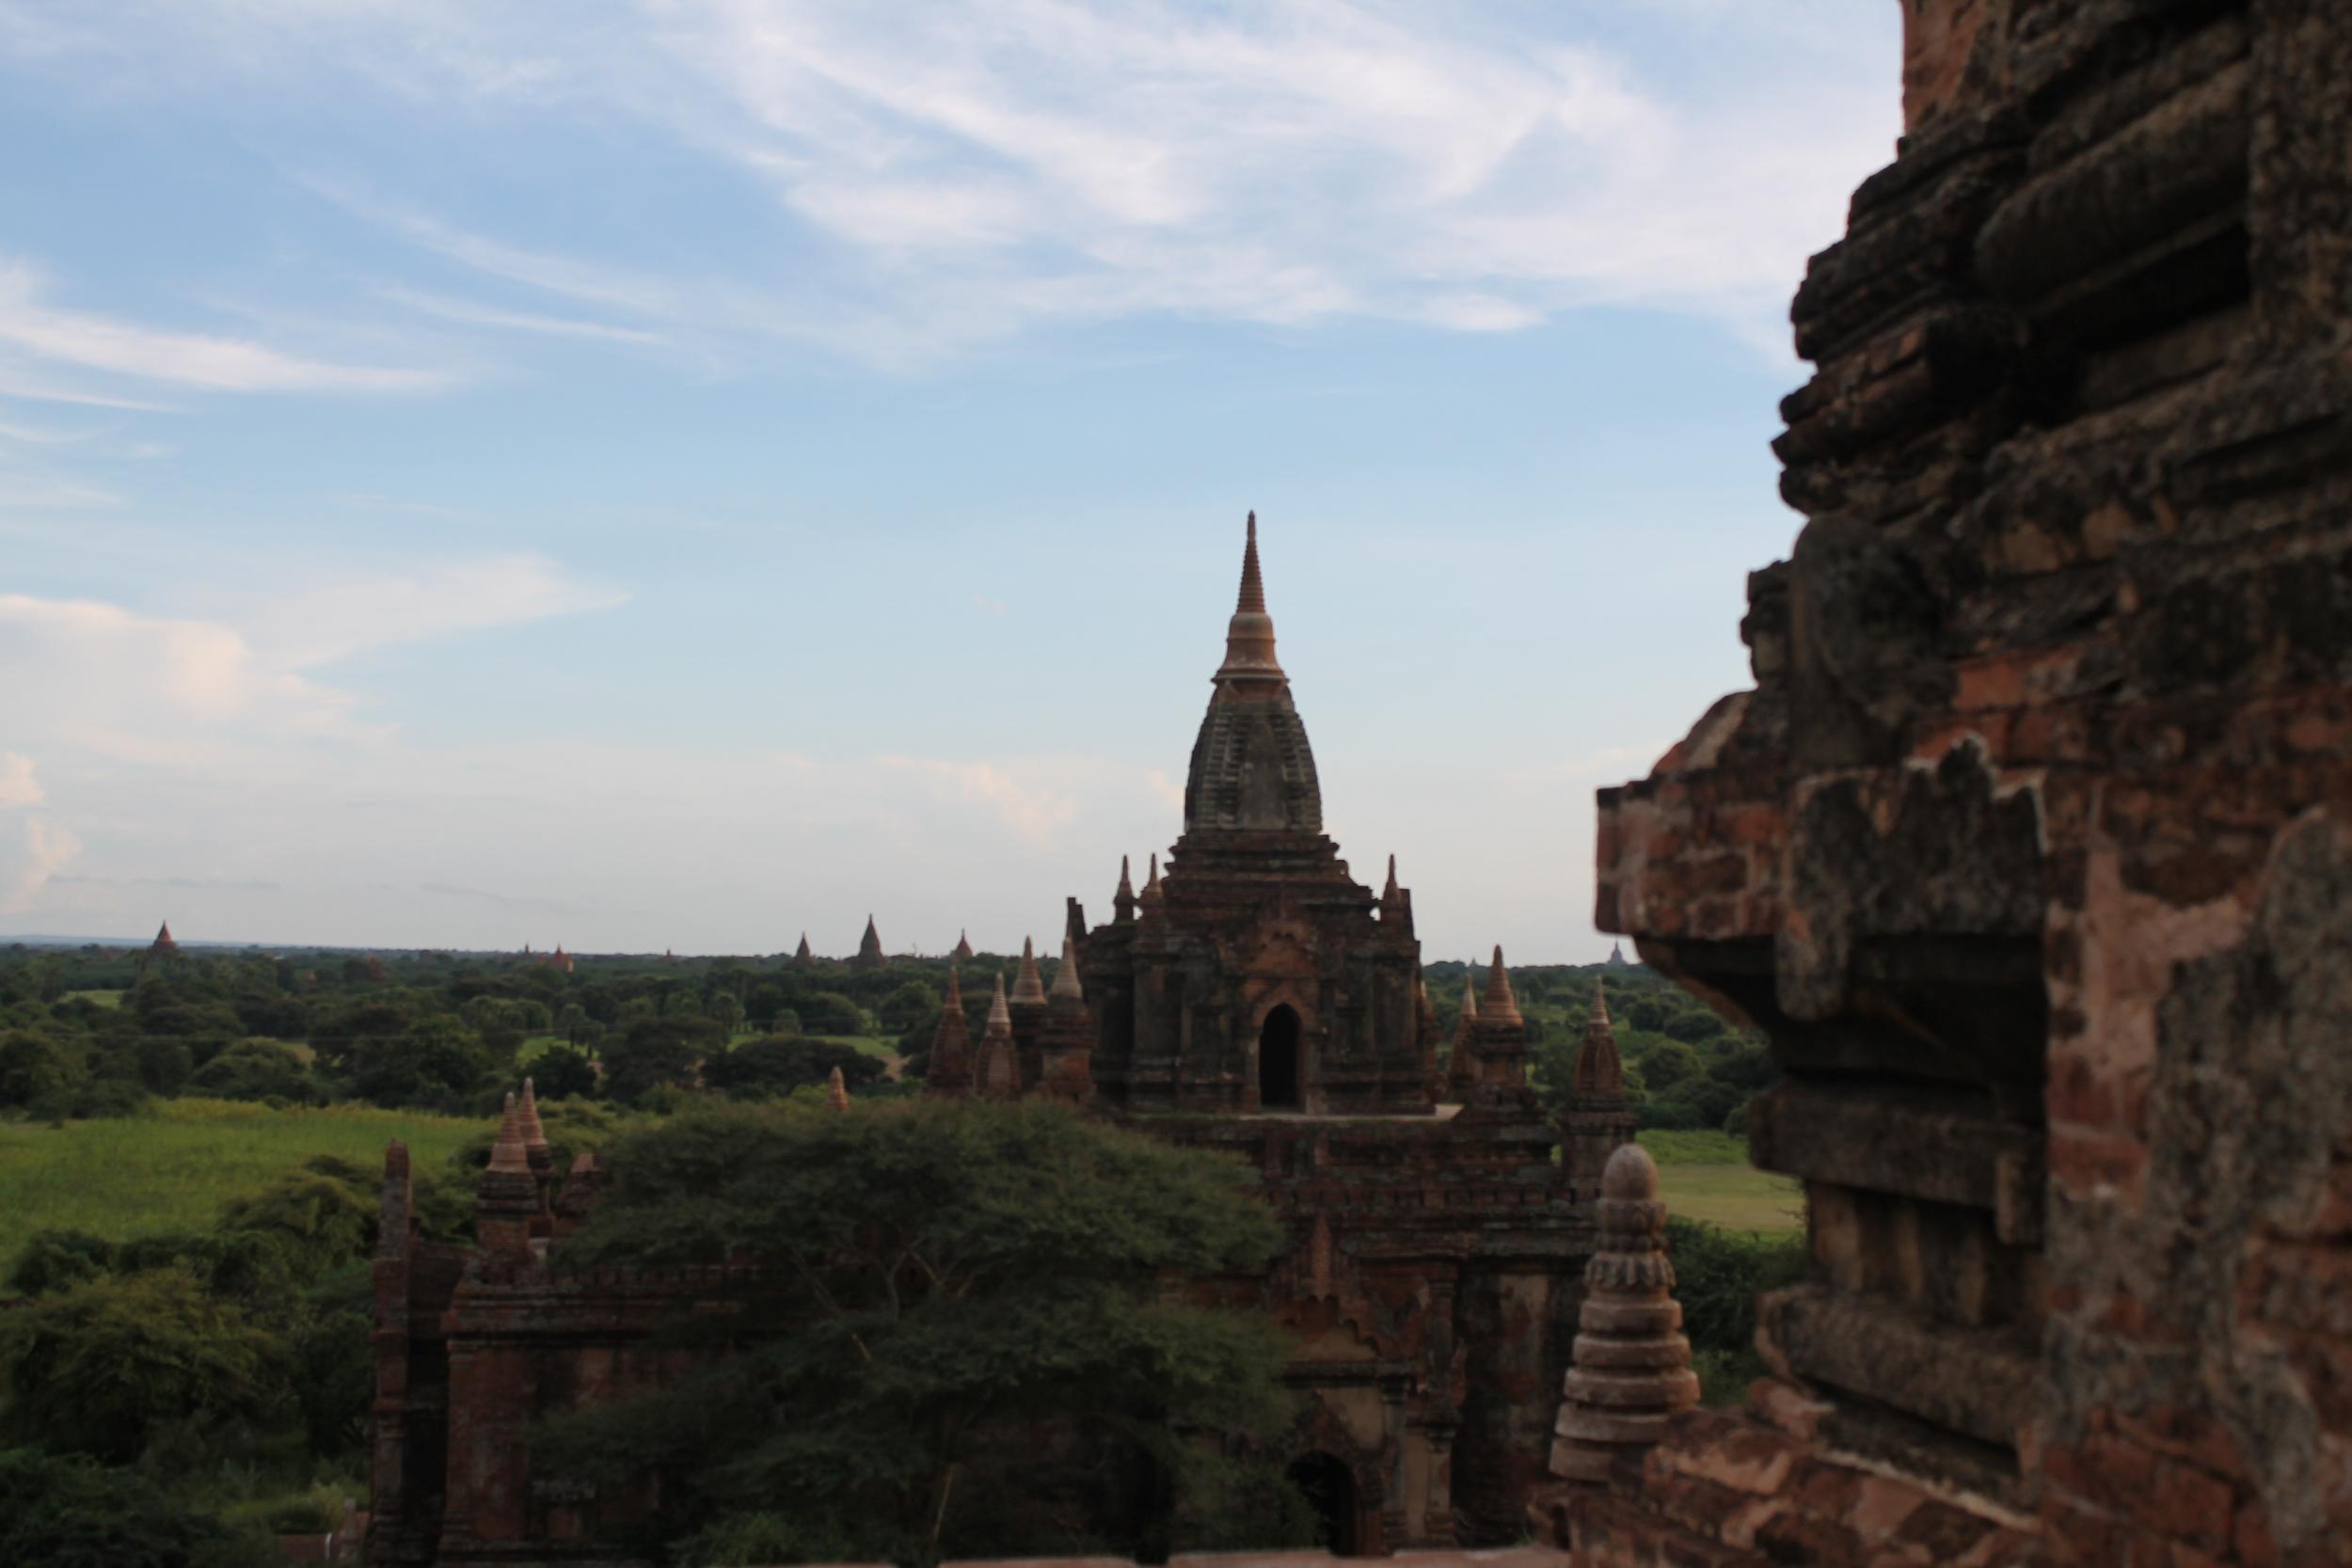 Dusk sets in over Bagan